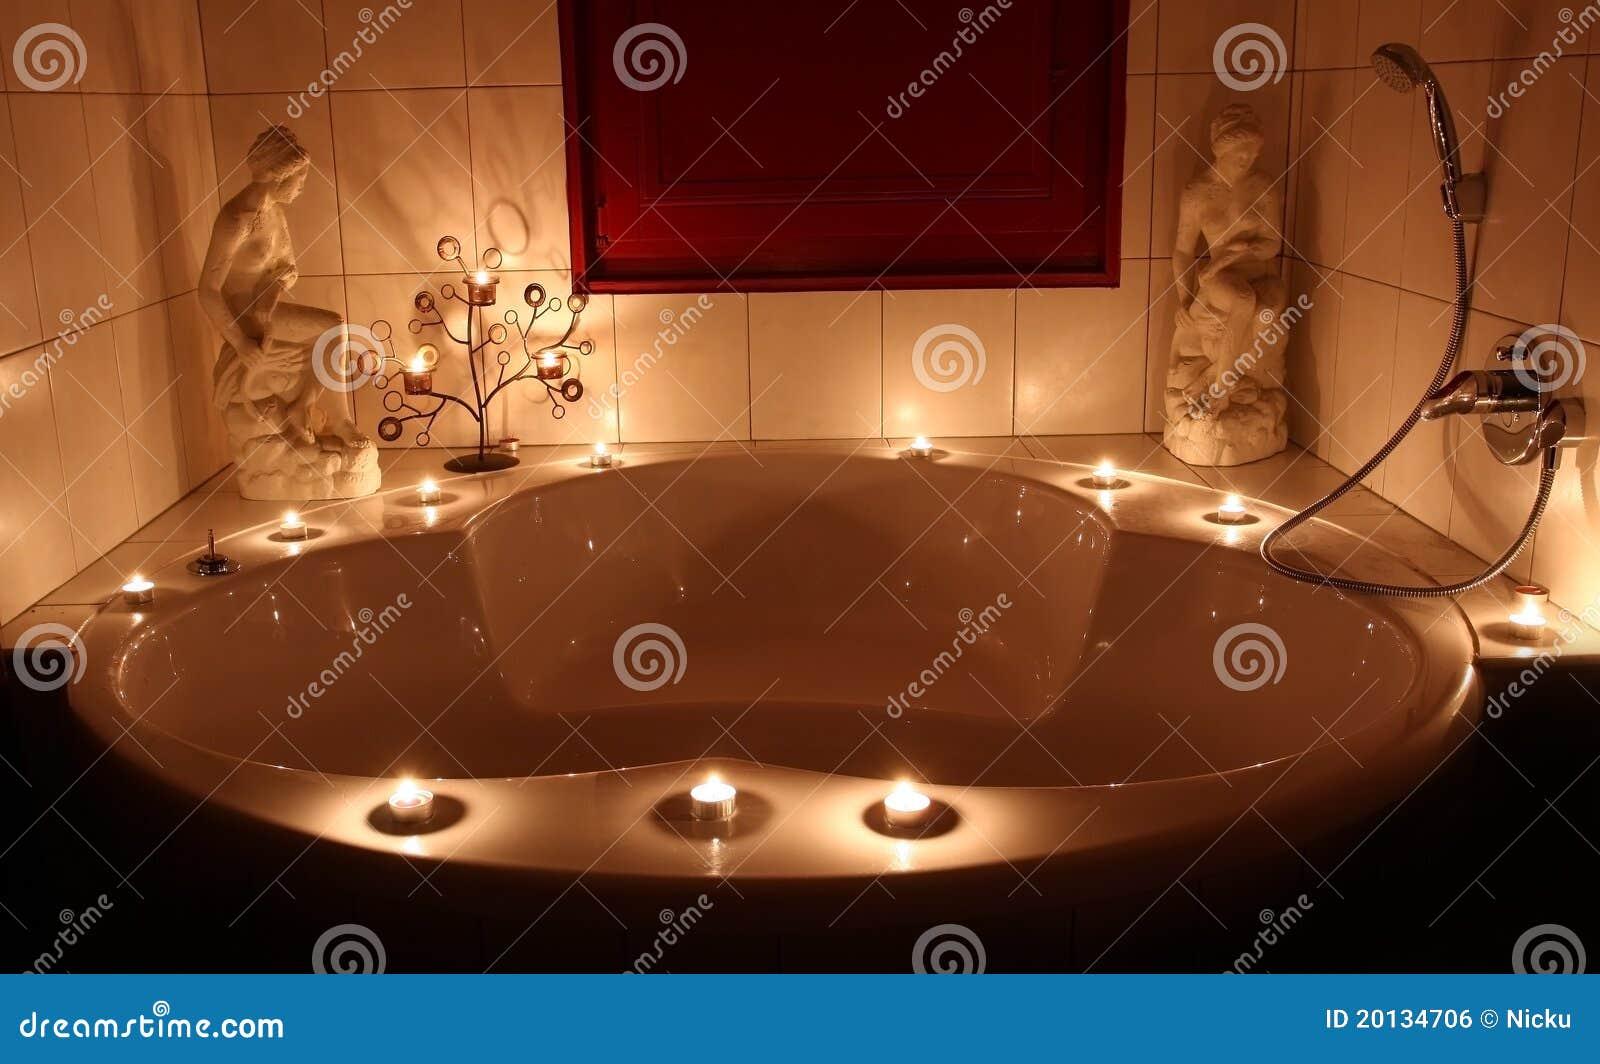 Vasca Da Bagno Romantica Con Candele : Vasca da bagno romantica fotografia stock. immagine di acquazzone